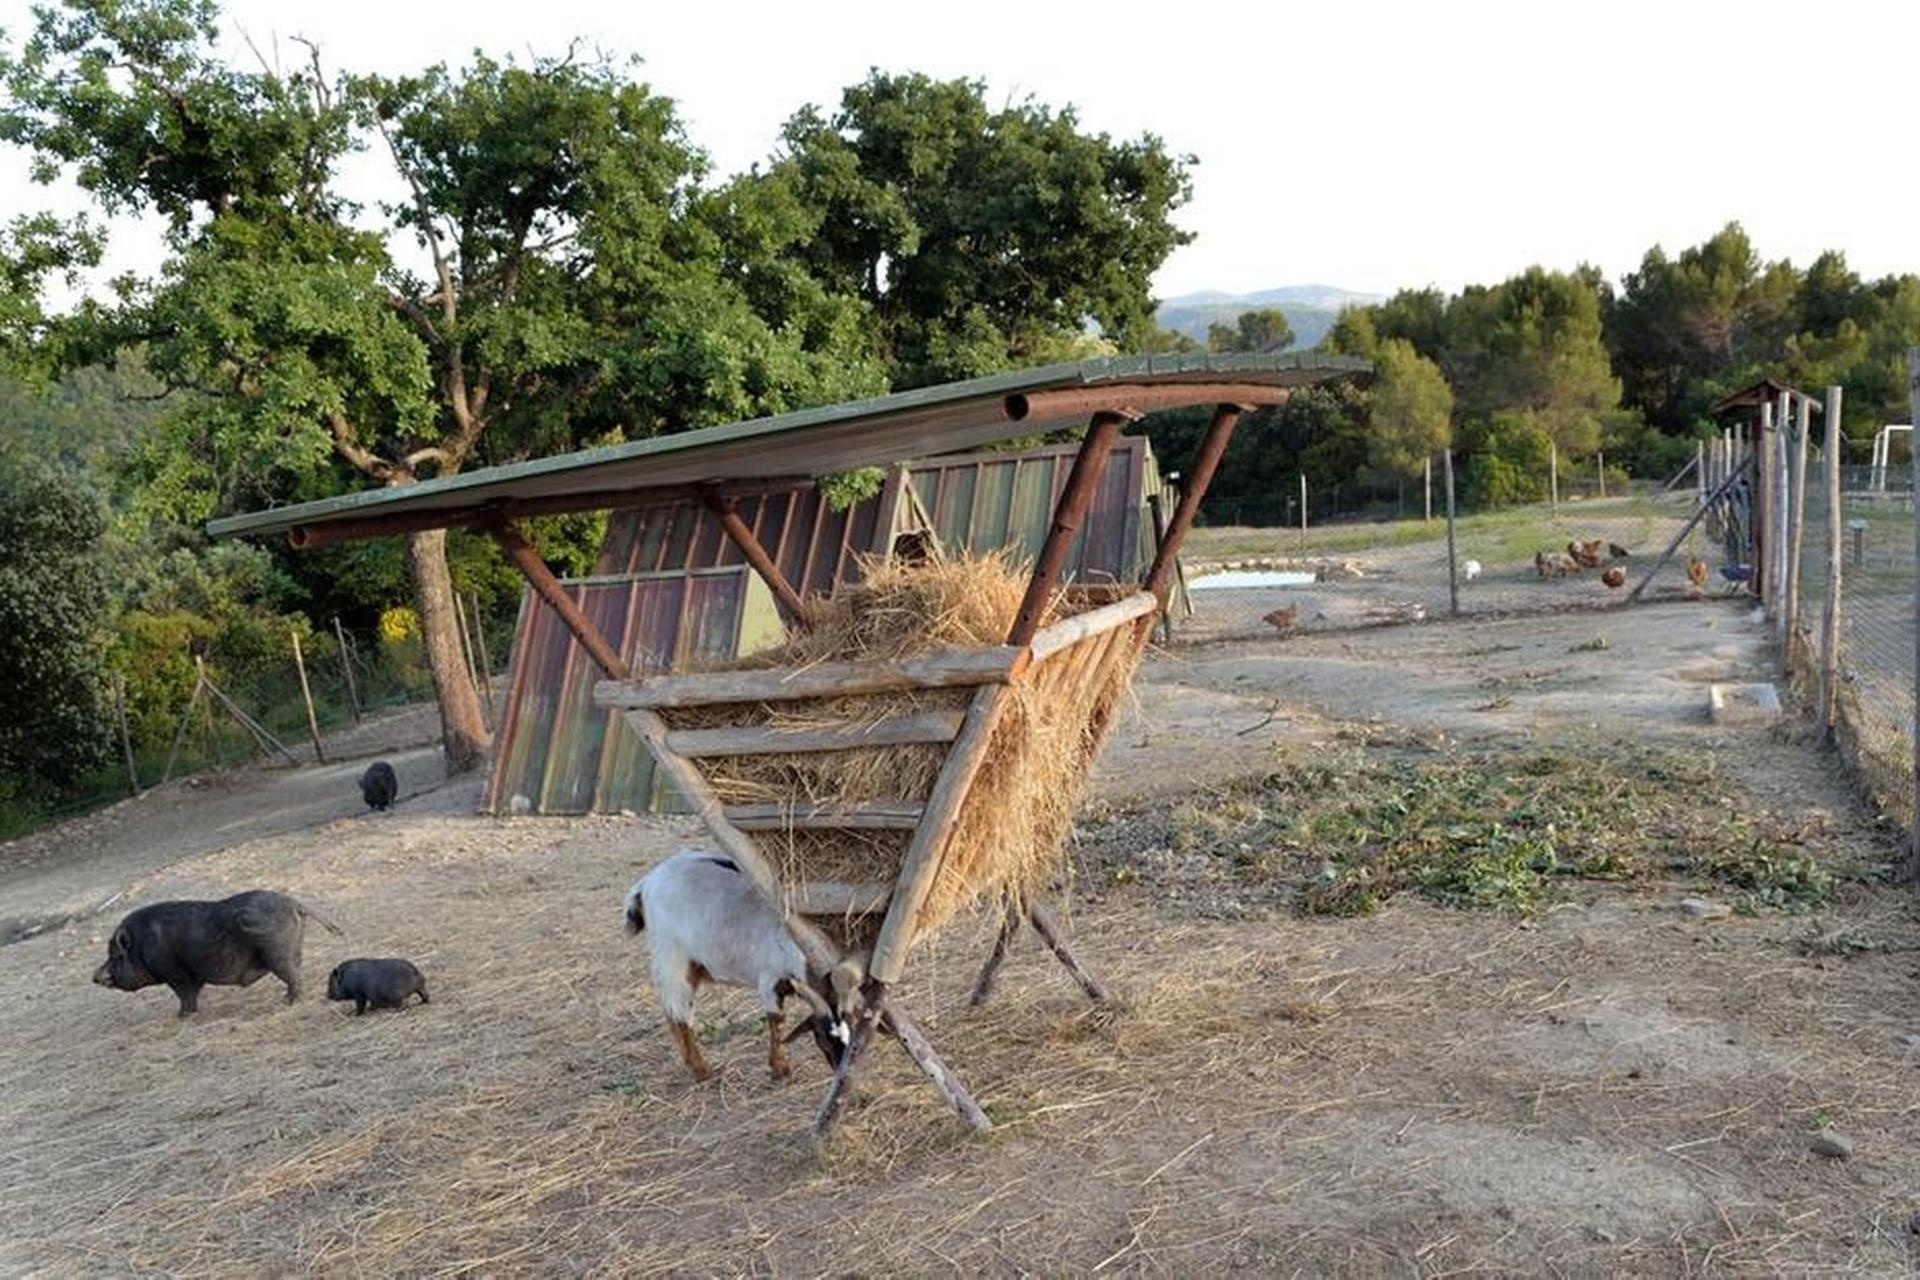 Agriturismo Umbrien Agriturismo Umbrien, auf dem Land und ruhig gelegen